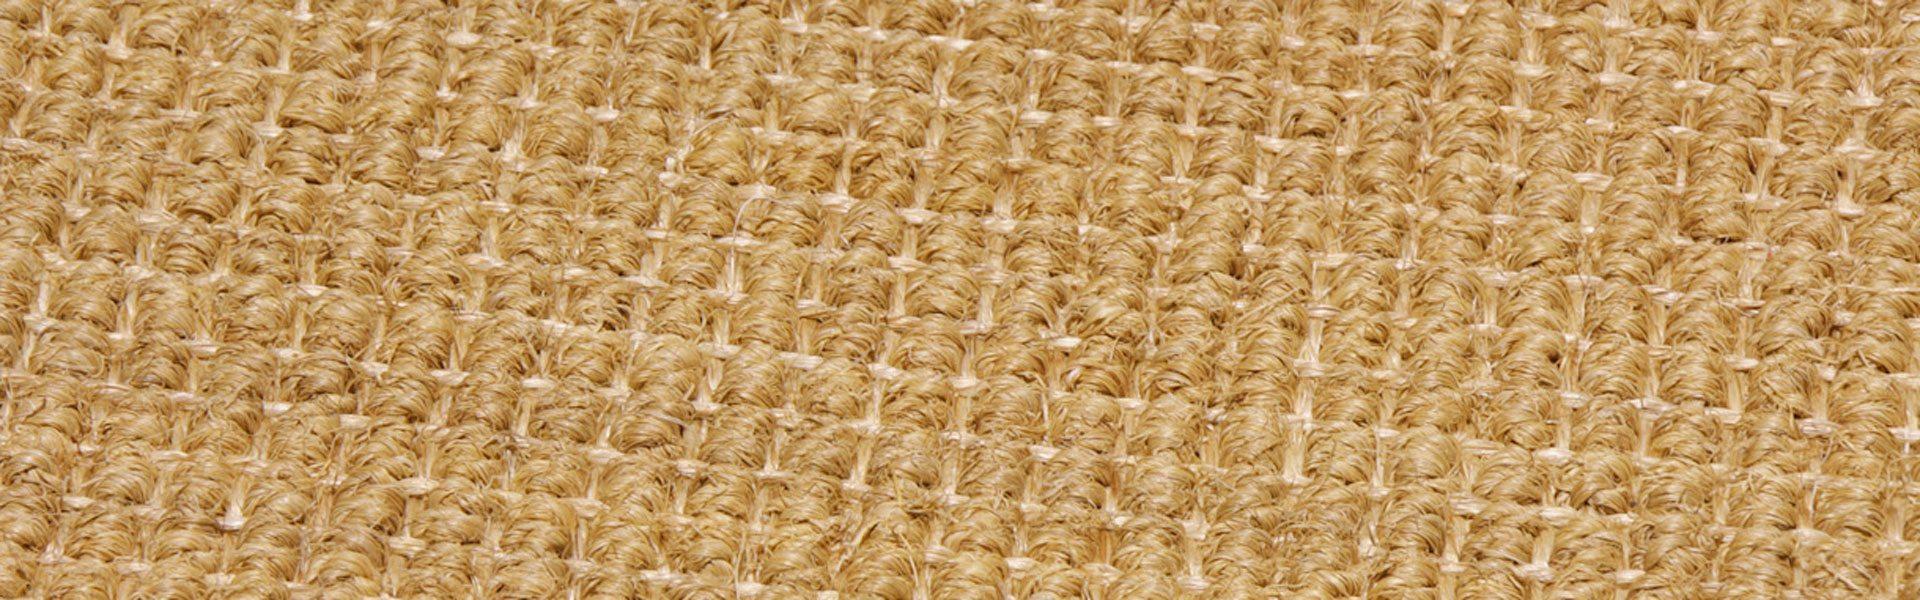 ¿De qué se componen las alfombras?